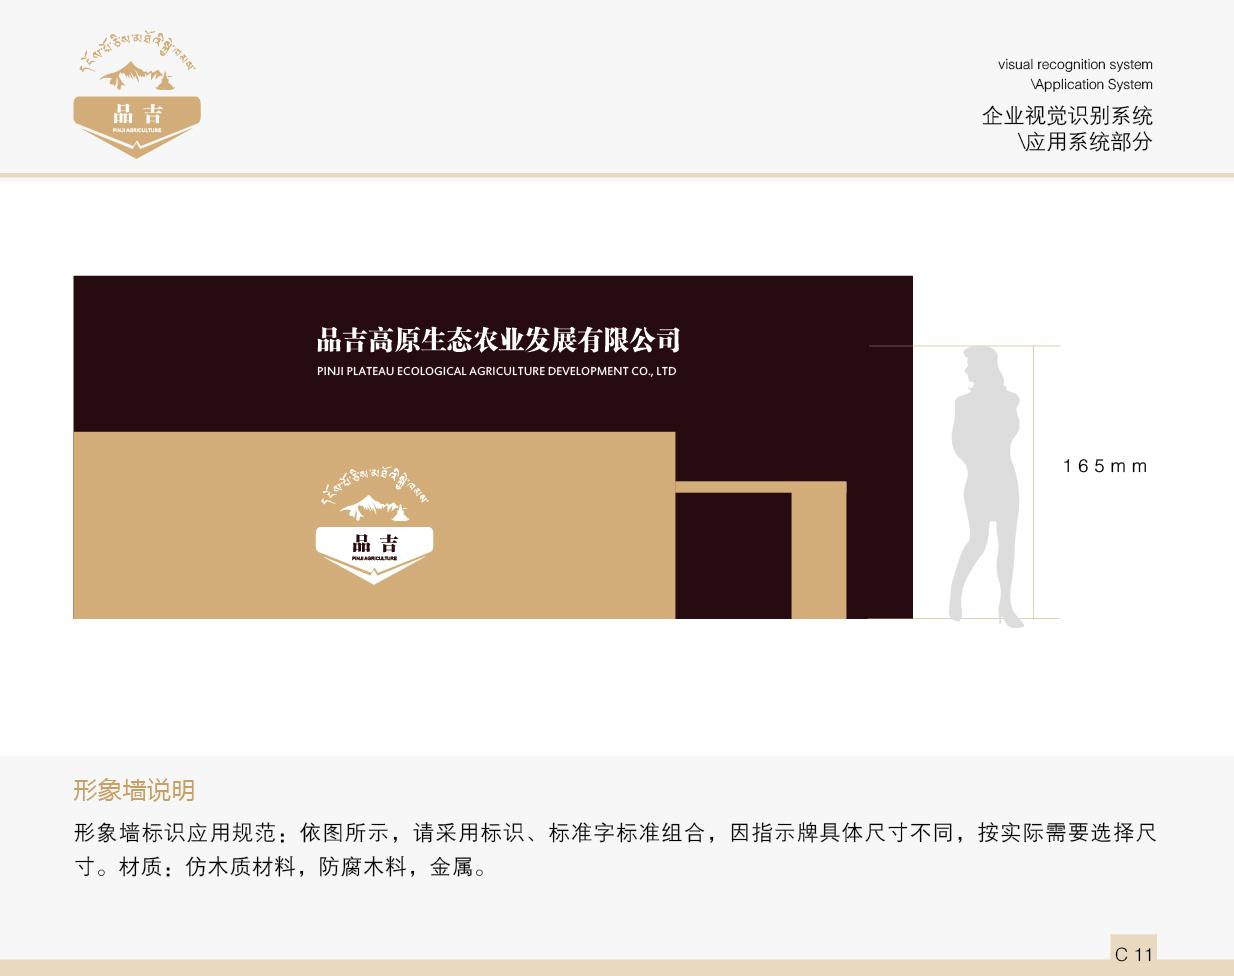 品吉农业VI 应用系统部分  客户资料  第12张